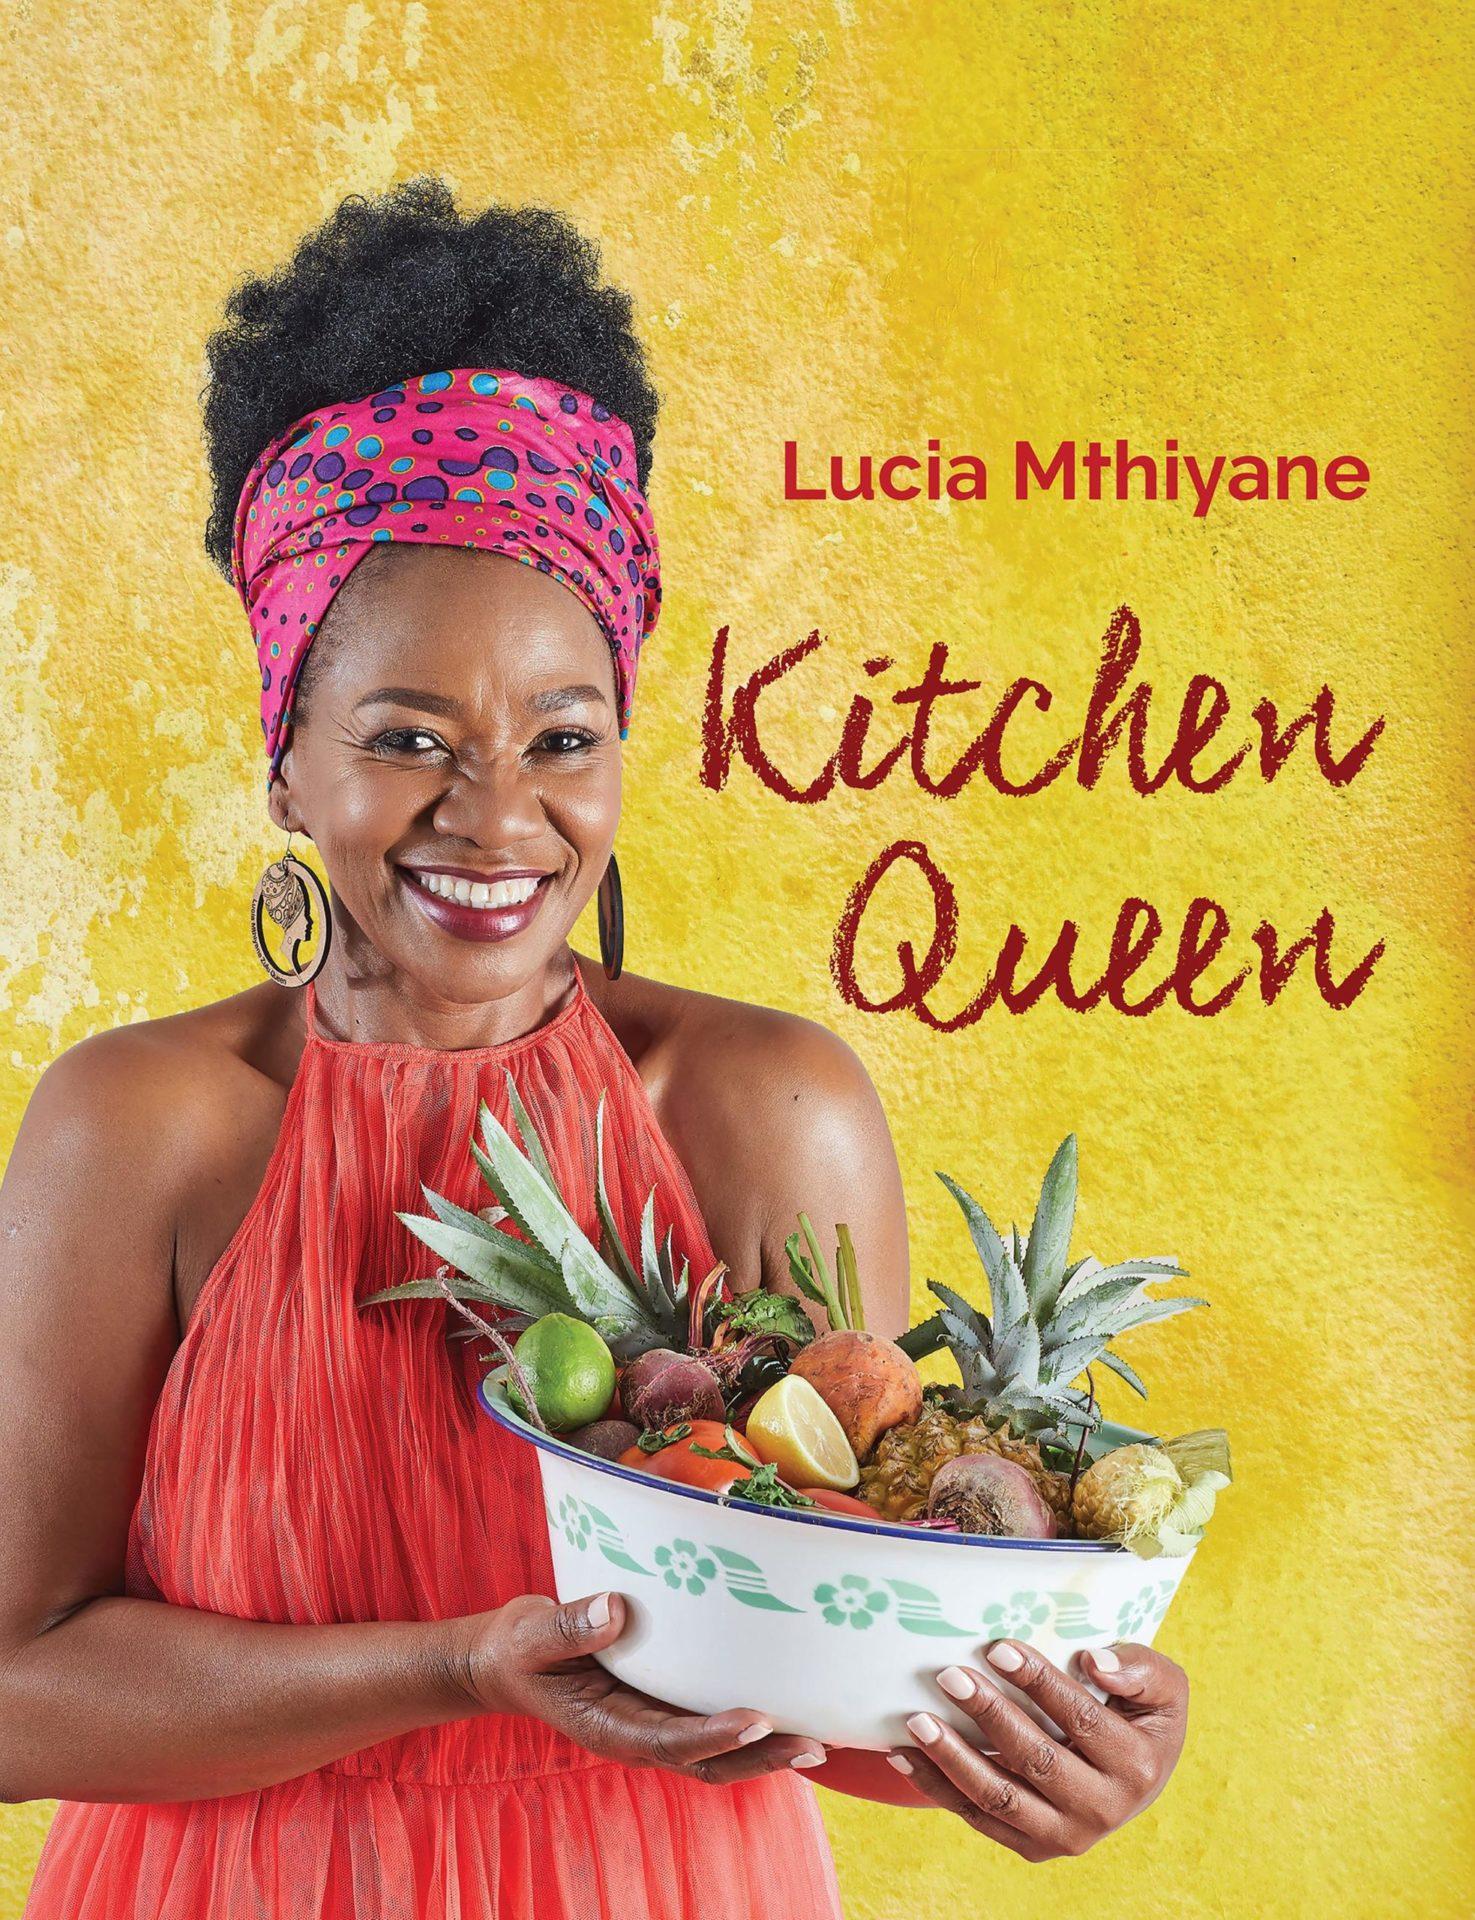 Lucia Mthiyane Kitchen Queen cook book